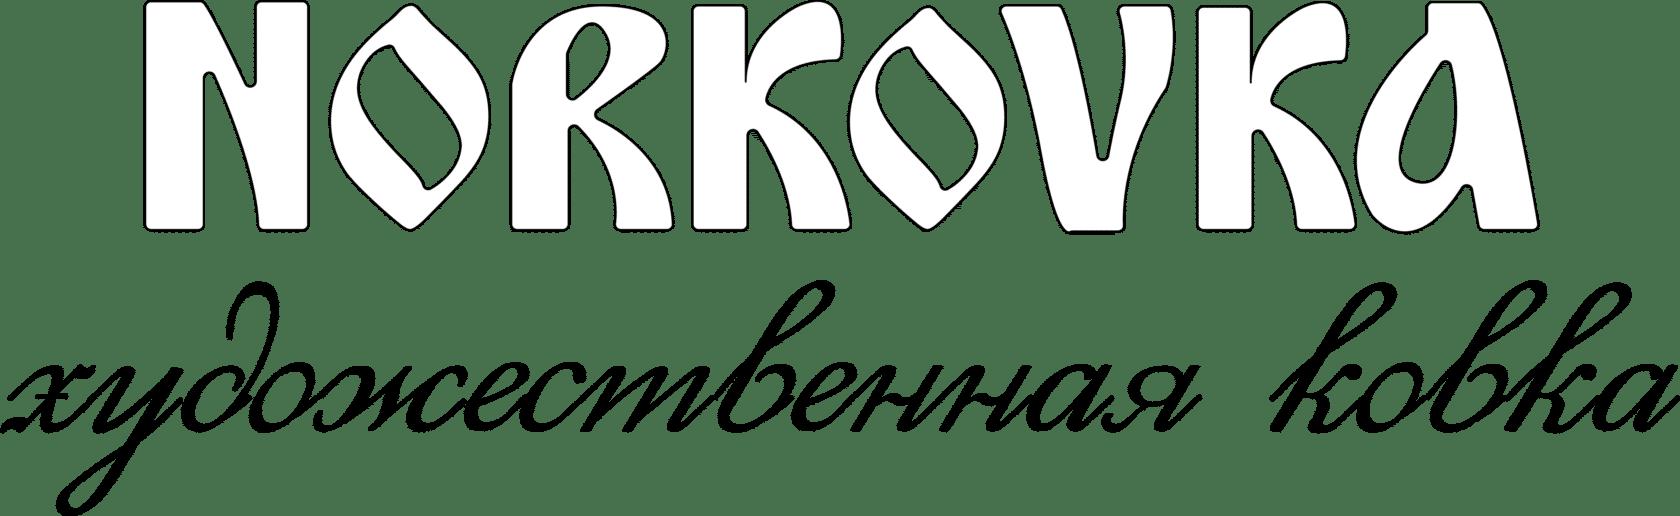 Кованые люстры, светильники Настенный кованый светильник Арт. С-003 Norkovka